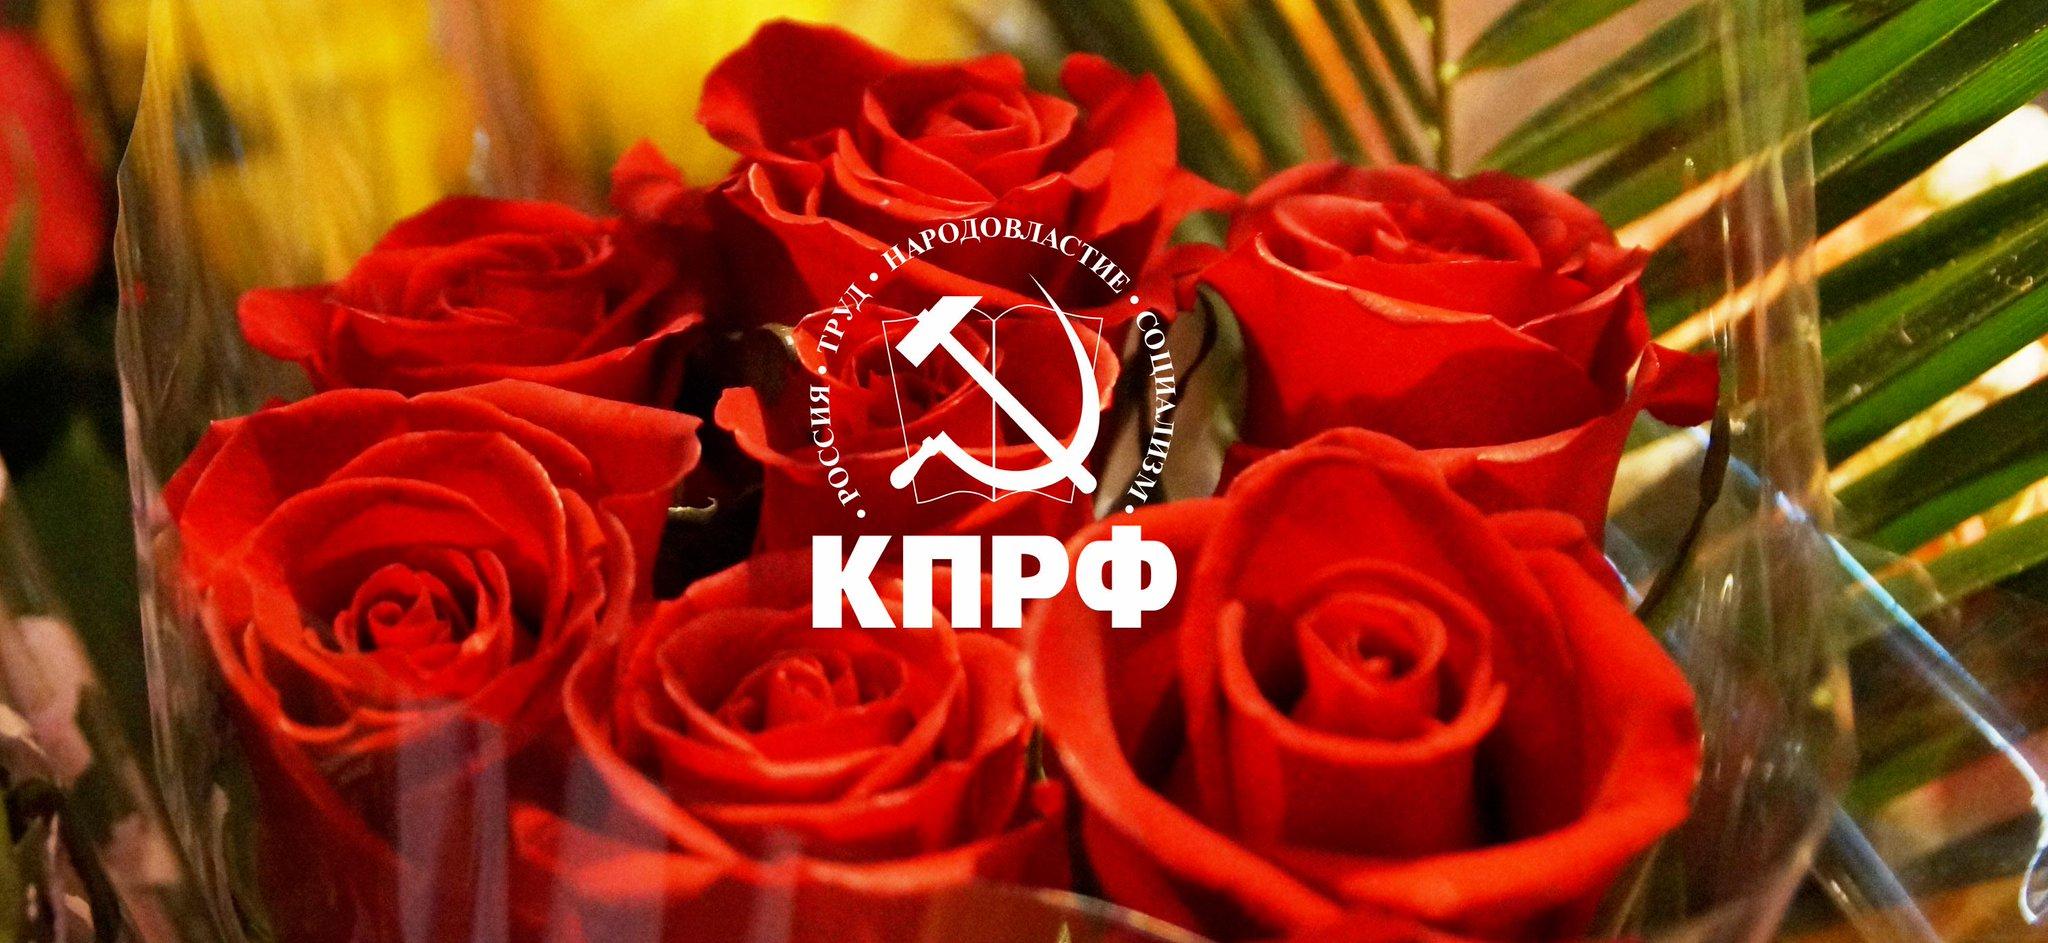 Поздравление с днем рождения коммунисту